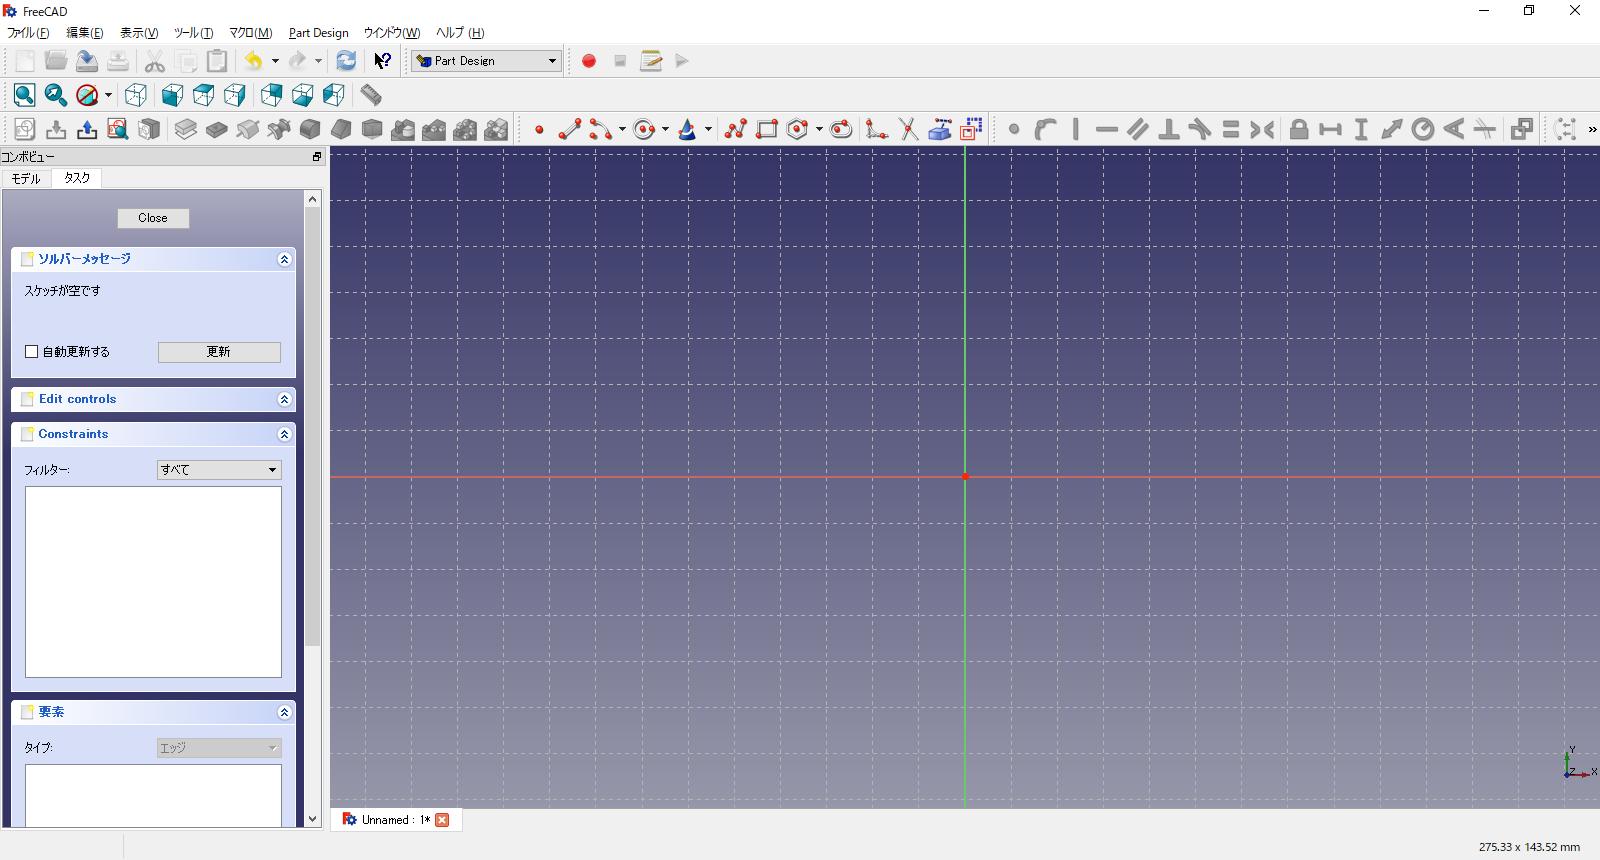 FreeCADのスケッチ作成の画面